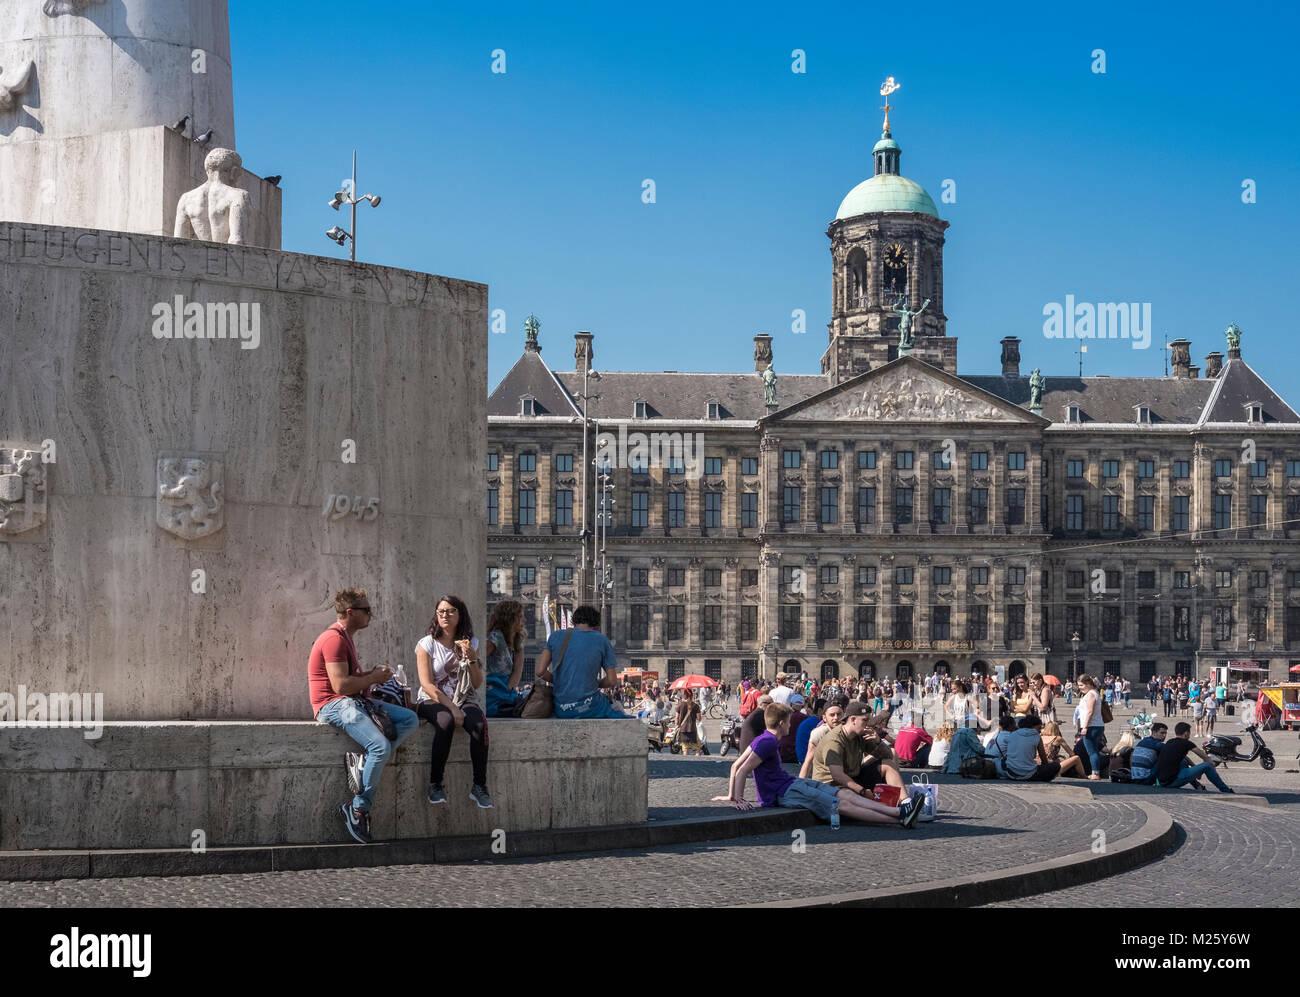 Las atracciones turísticas populares de Palacio Real y el Monumento Nacional, la Plaza Dam, en el centro de Imagen De Stock